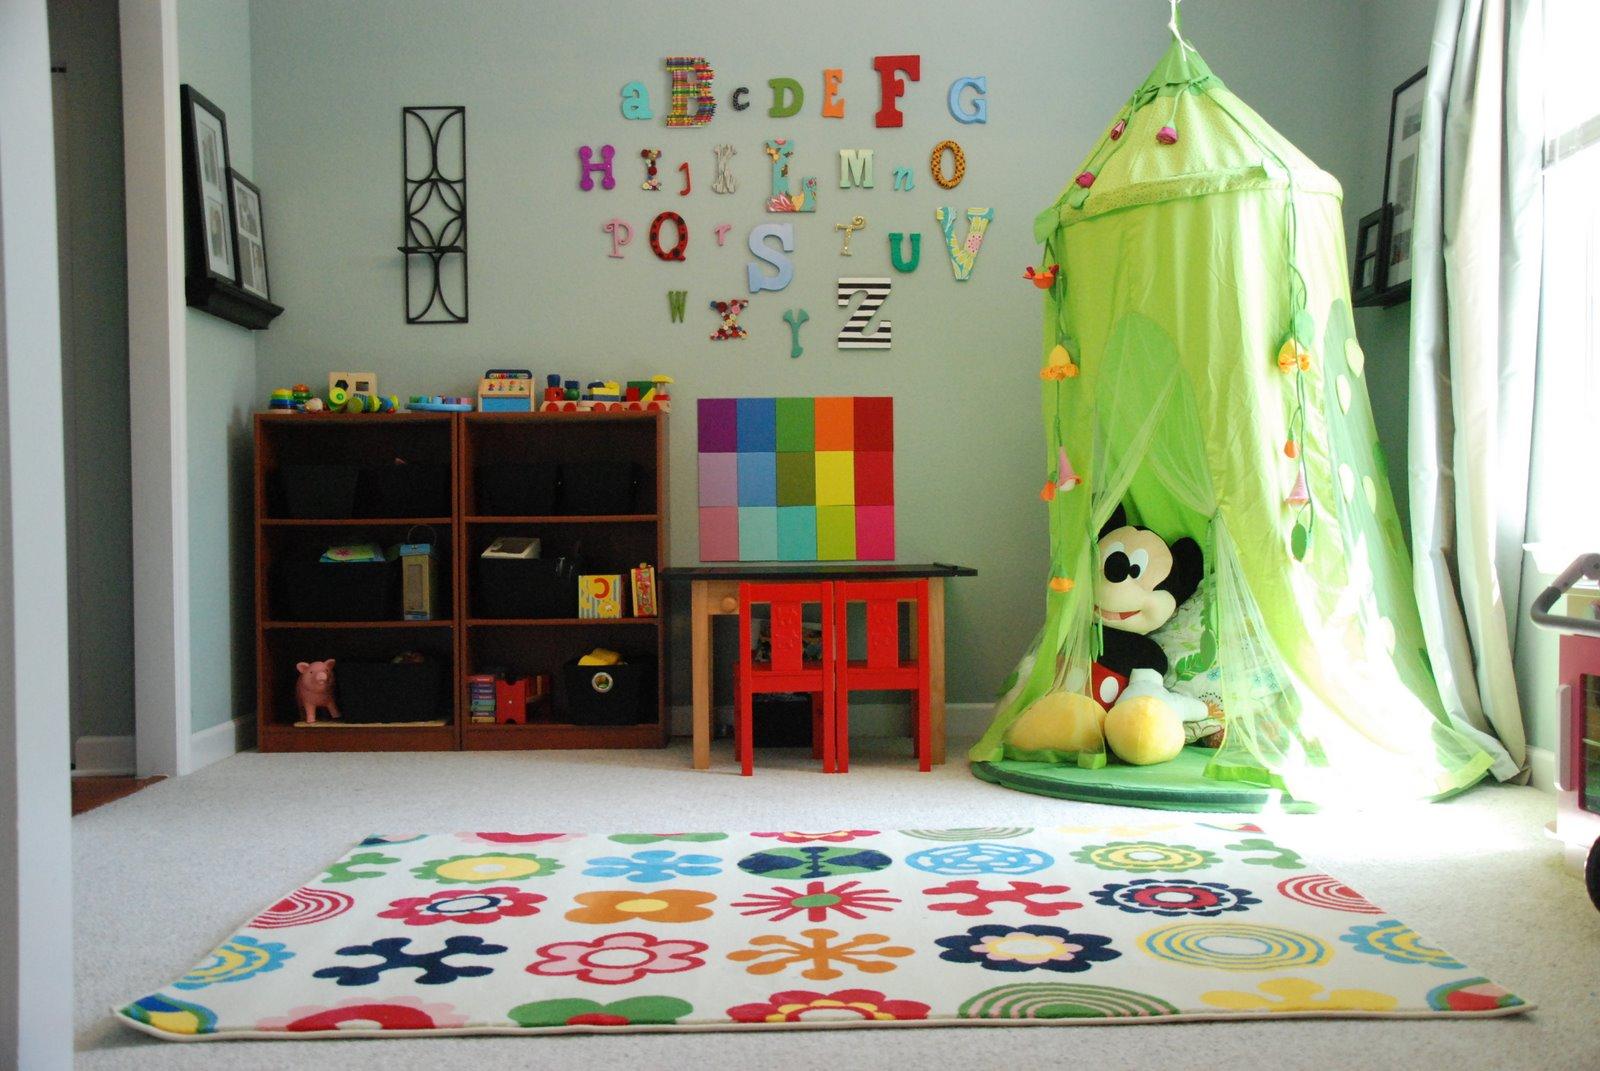 Décor Salle De Jeux décoration de la salle de jeux pour enfants